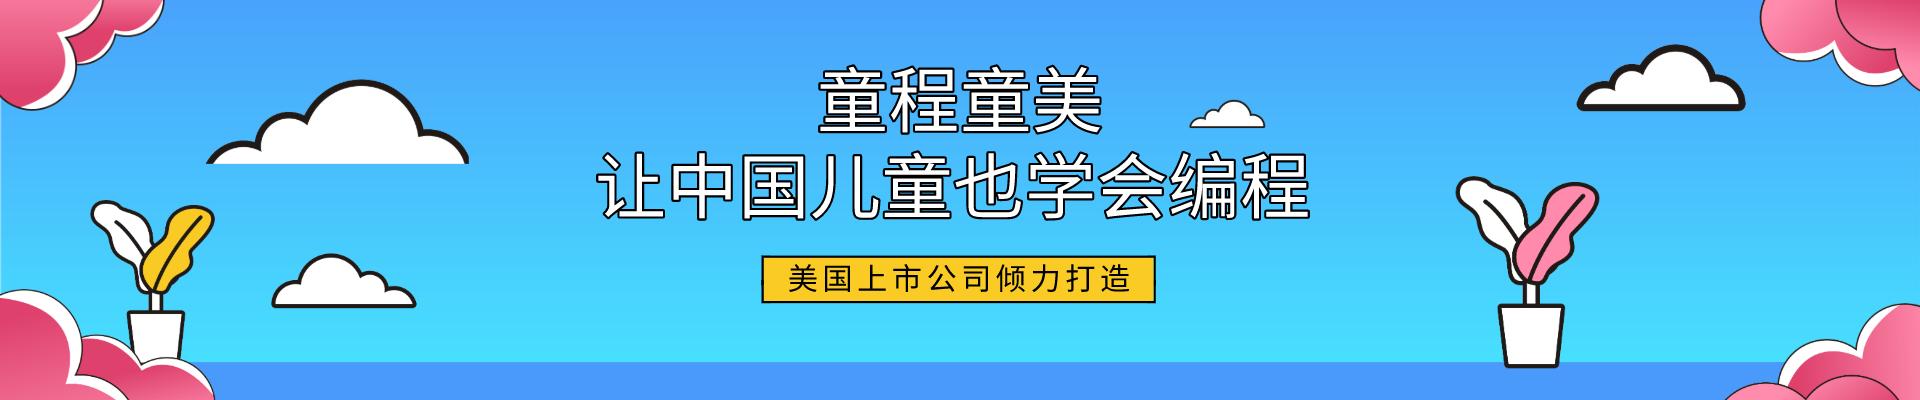 北京方庄童程童美少儿编程培训